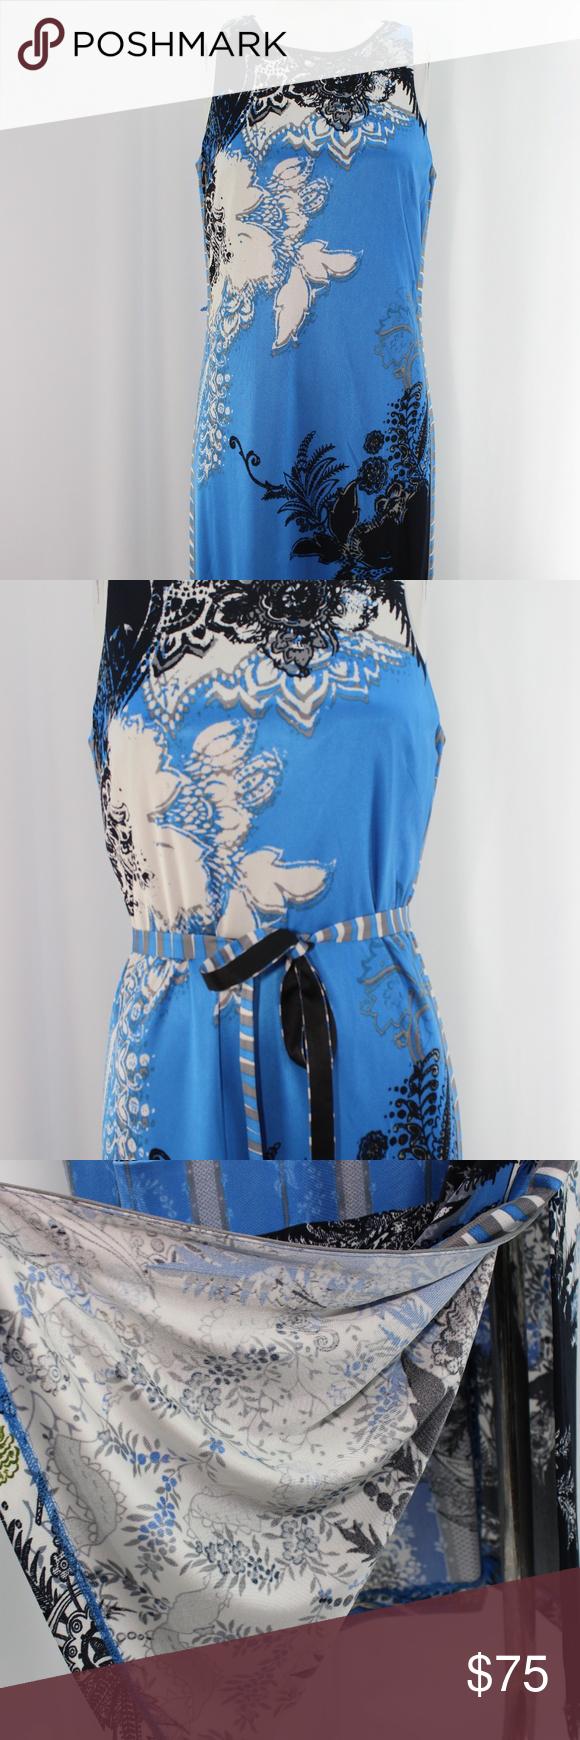 Elie Tahari Maxi Dress Elie Tahari Dresses Maxi Dress Clothes Design [ 1740 x 580 Pixel ]